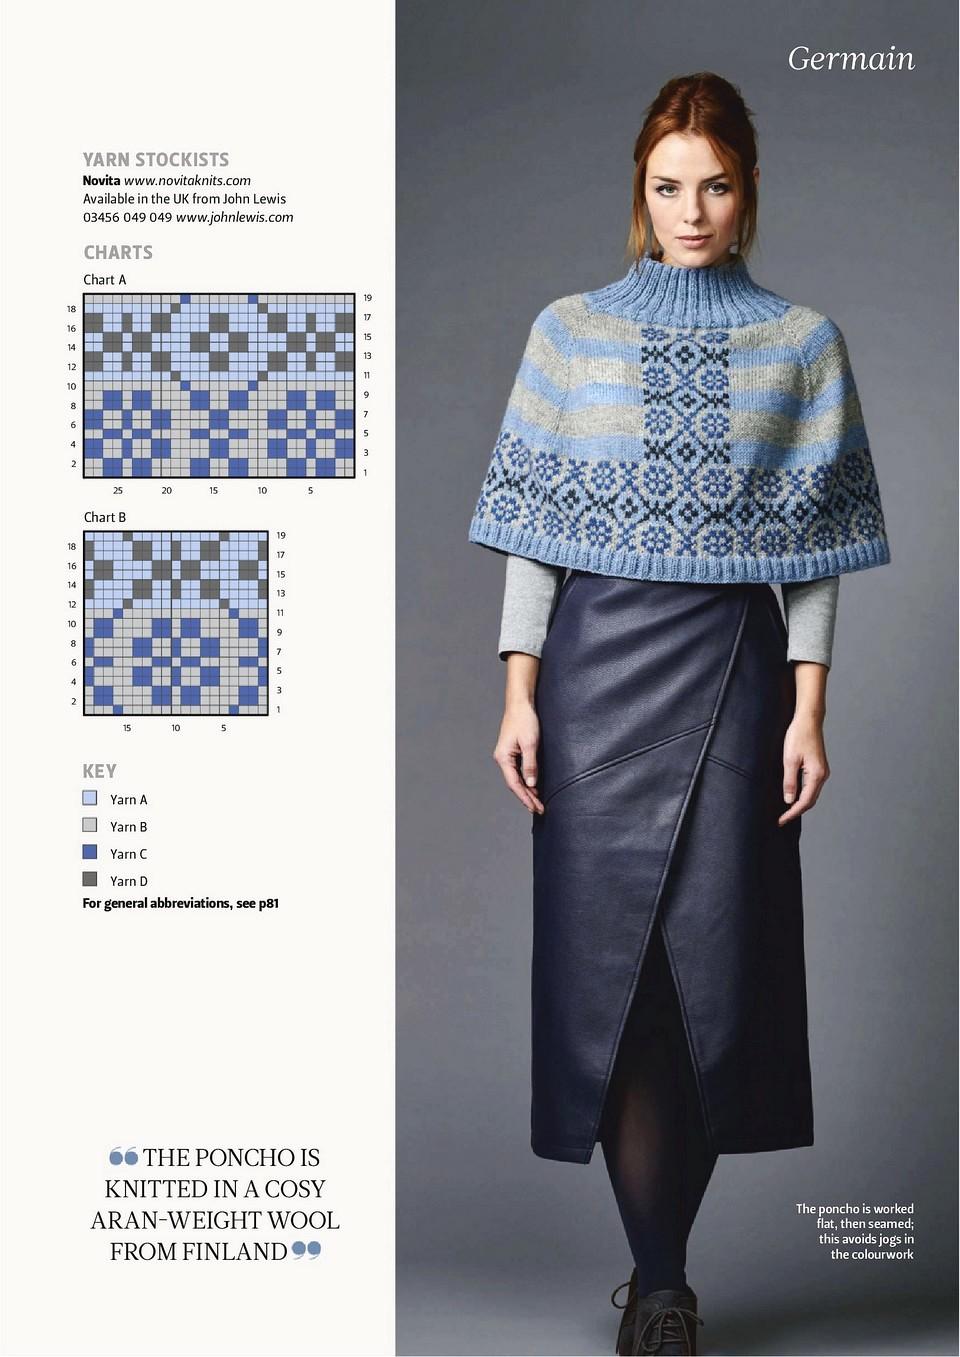 132The-Knitter-058